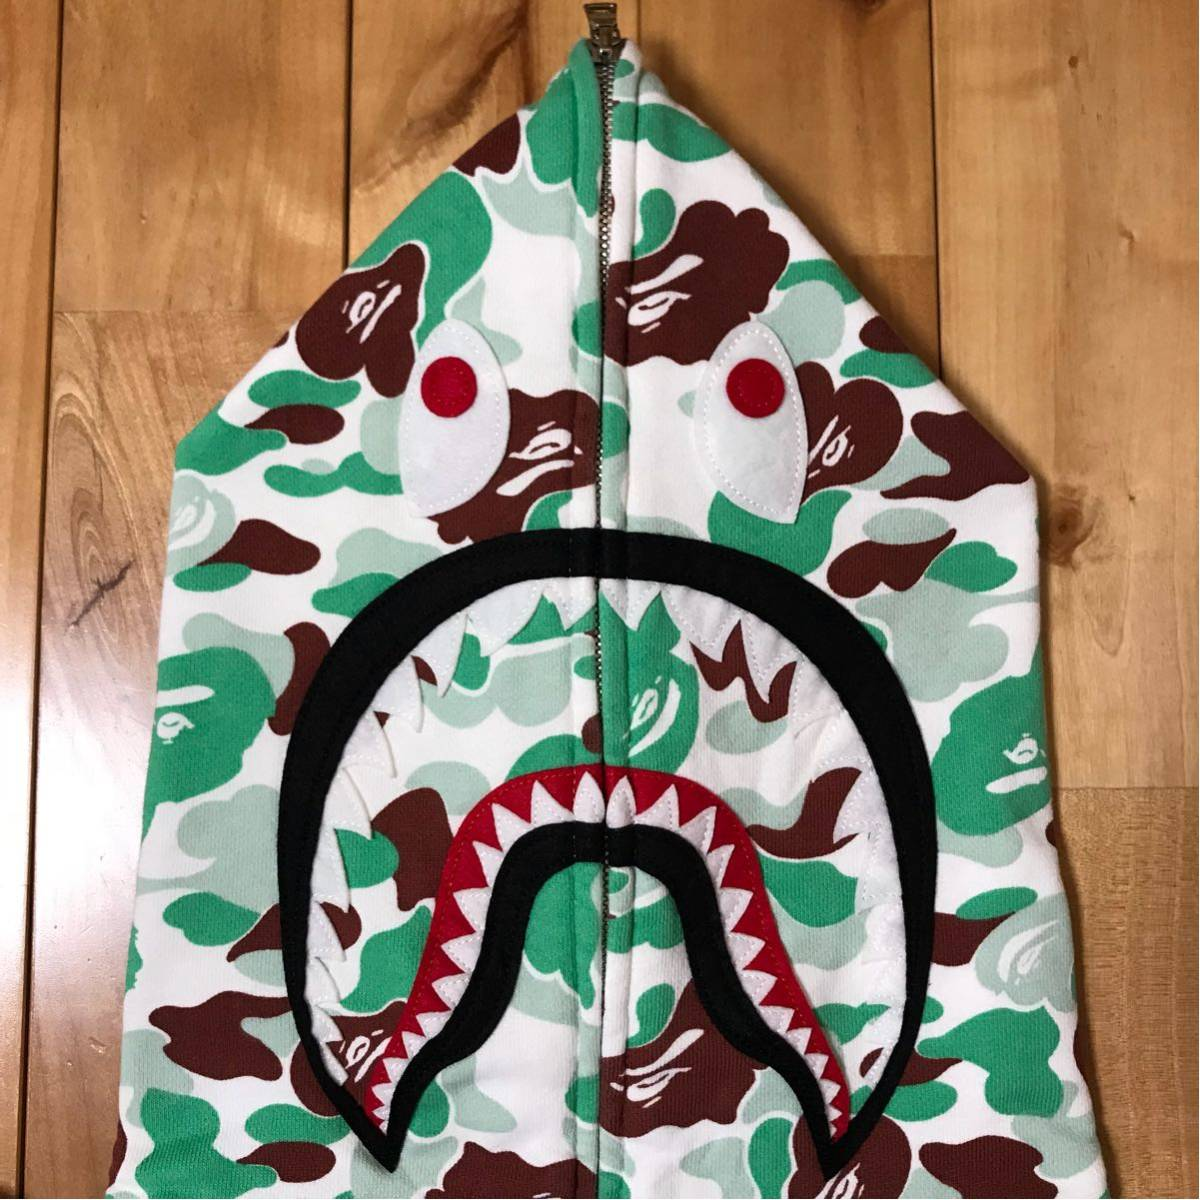 ★仙台限定★ sendai store limited color camo シャーク パーカー L a bathing ape bape shark full zip hoodie エイプ ベイプ 都市限定